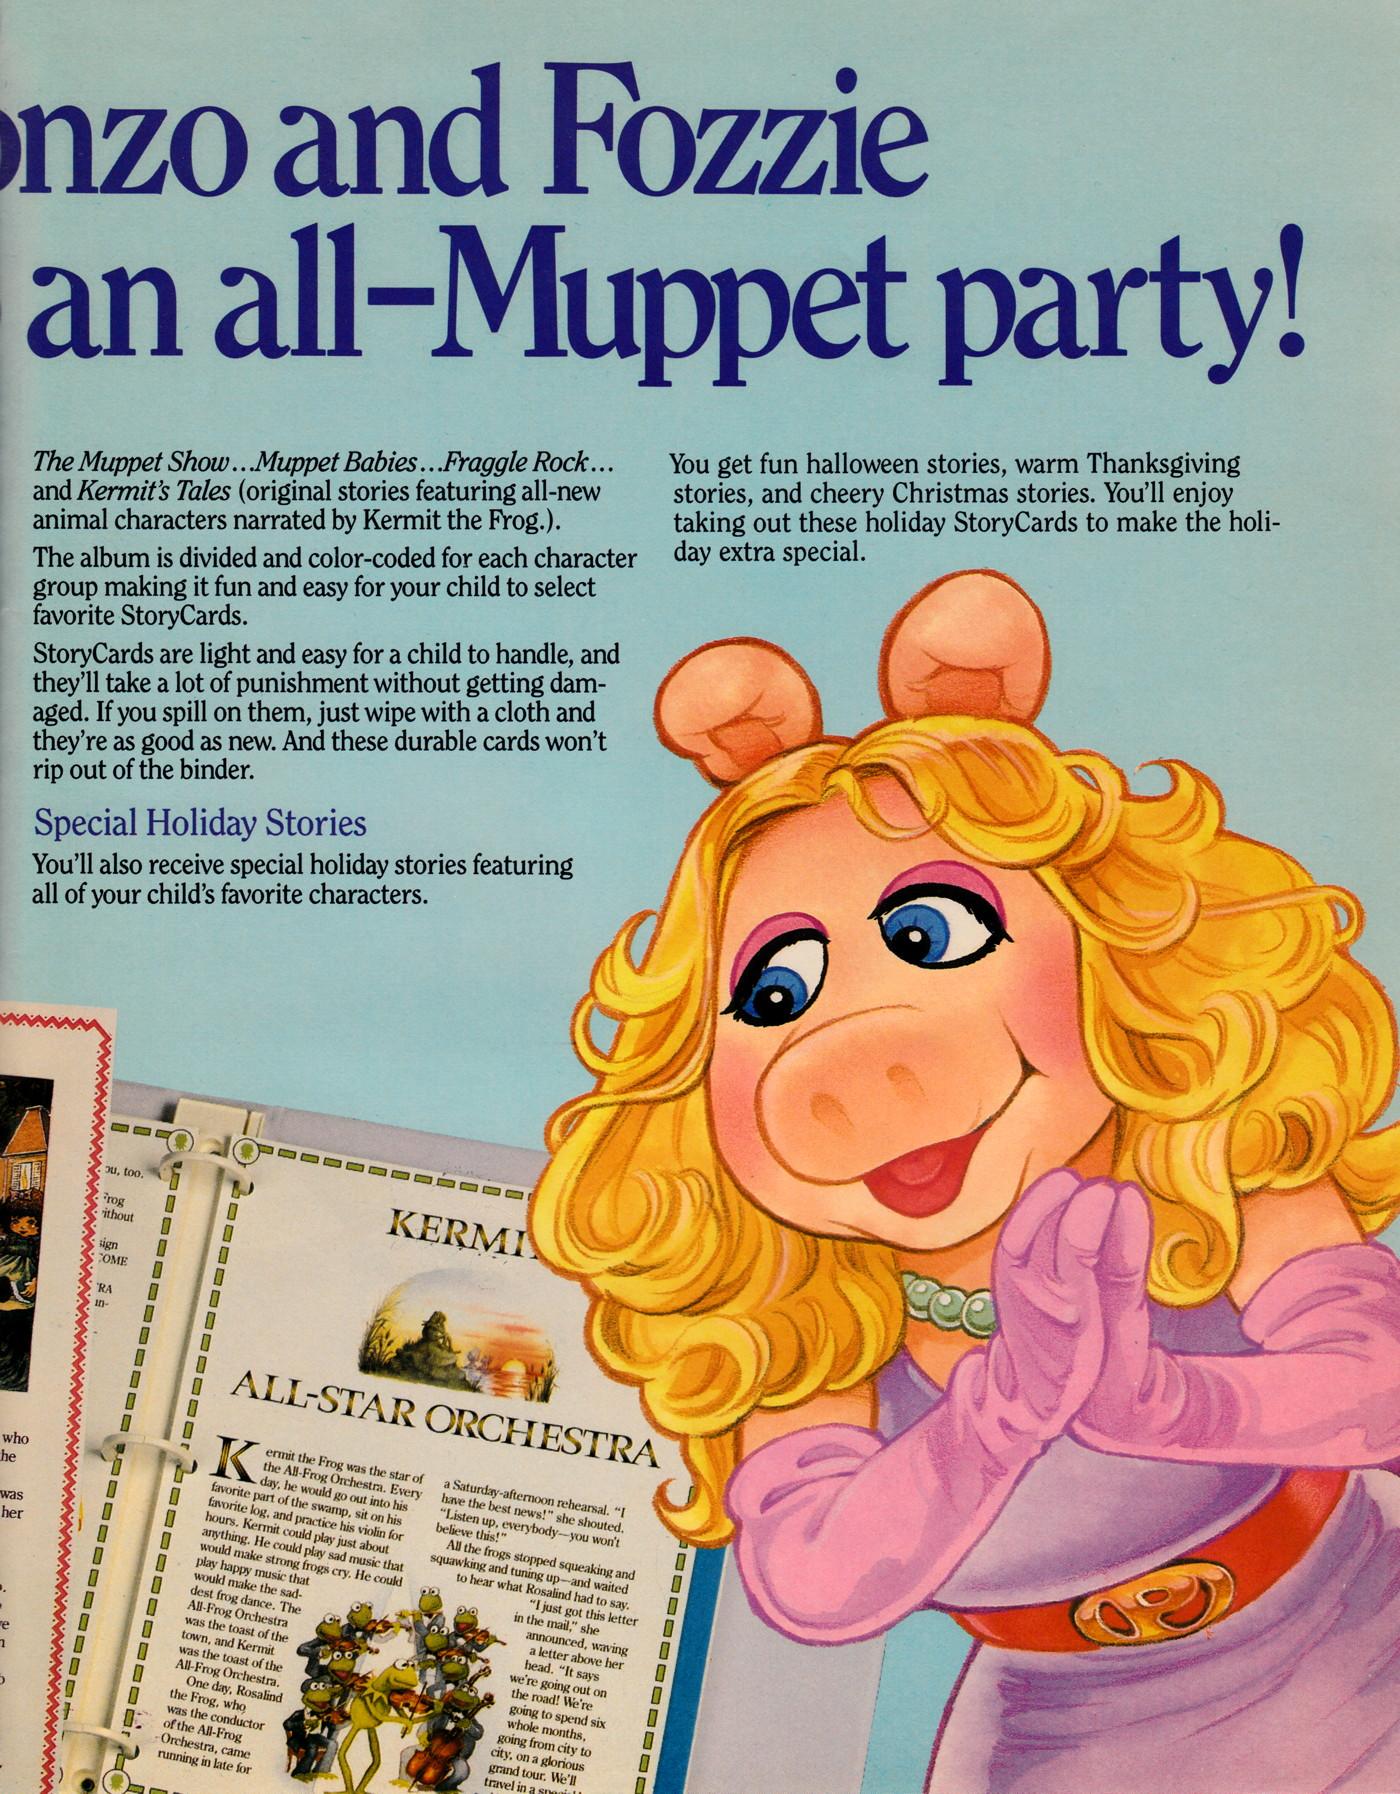 jim henson 39 s bedtime stories muppet wiki. Black Bedroom Furniture Sets. Home Design Ideas